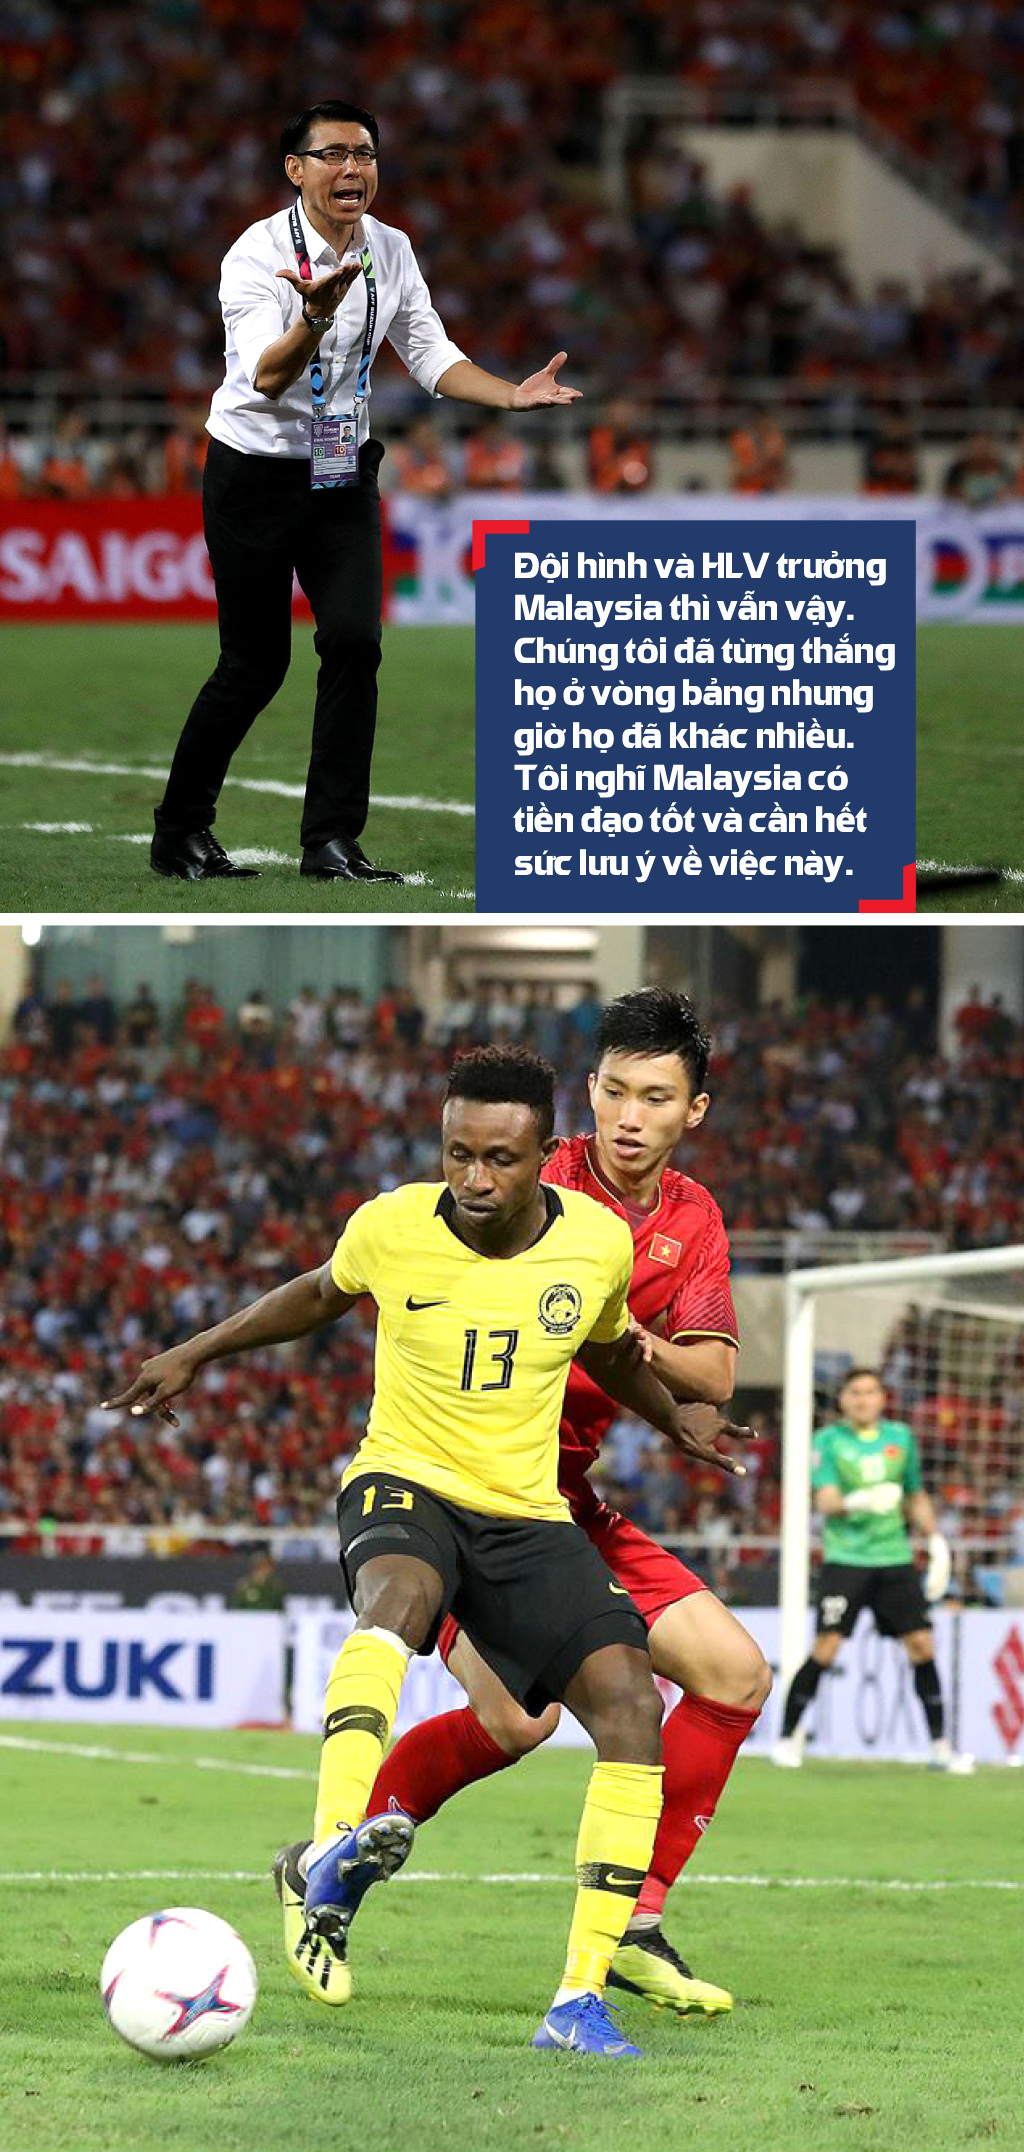 Chung kết lượt đi AFF Cup 2018, Malaysia - Việt Nam: Cuộc chiến không khoan nhượng ảnh 5